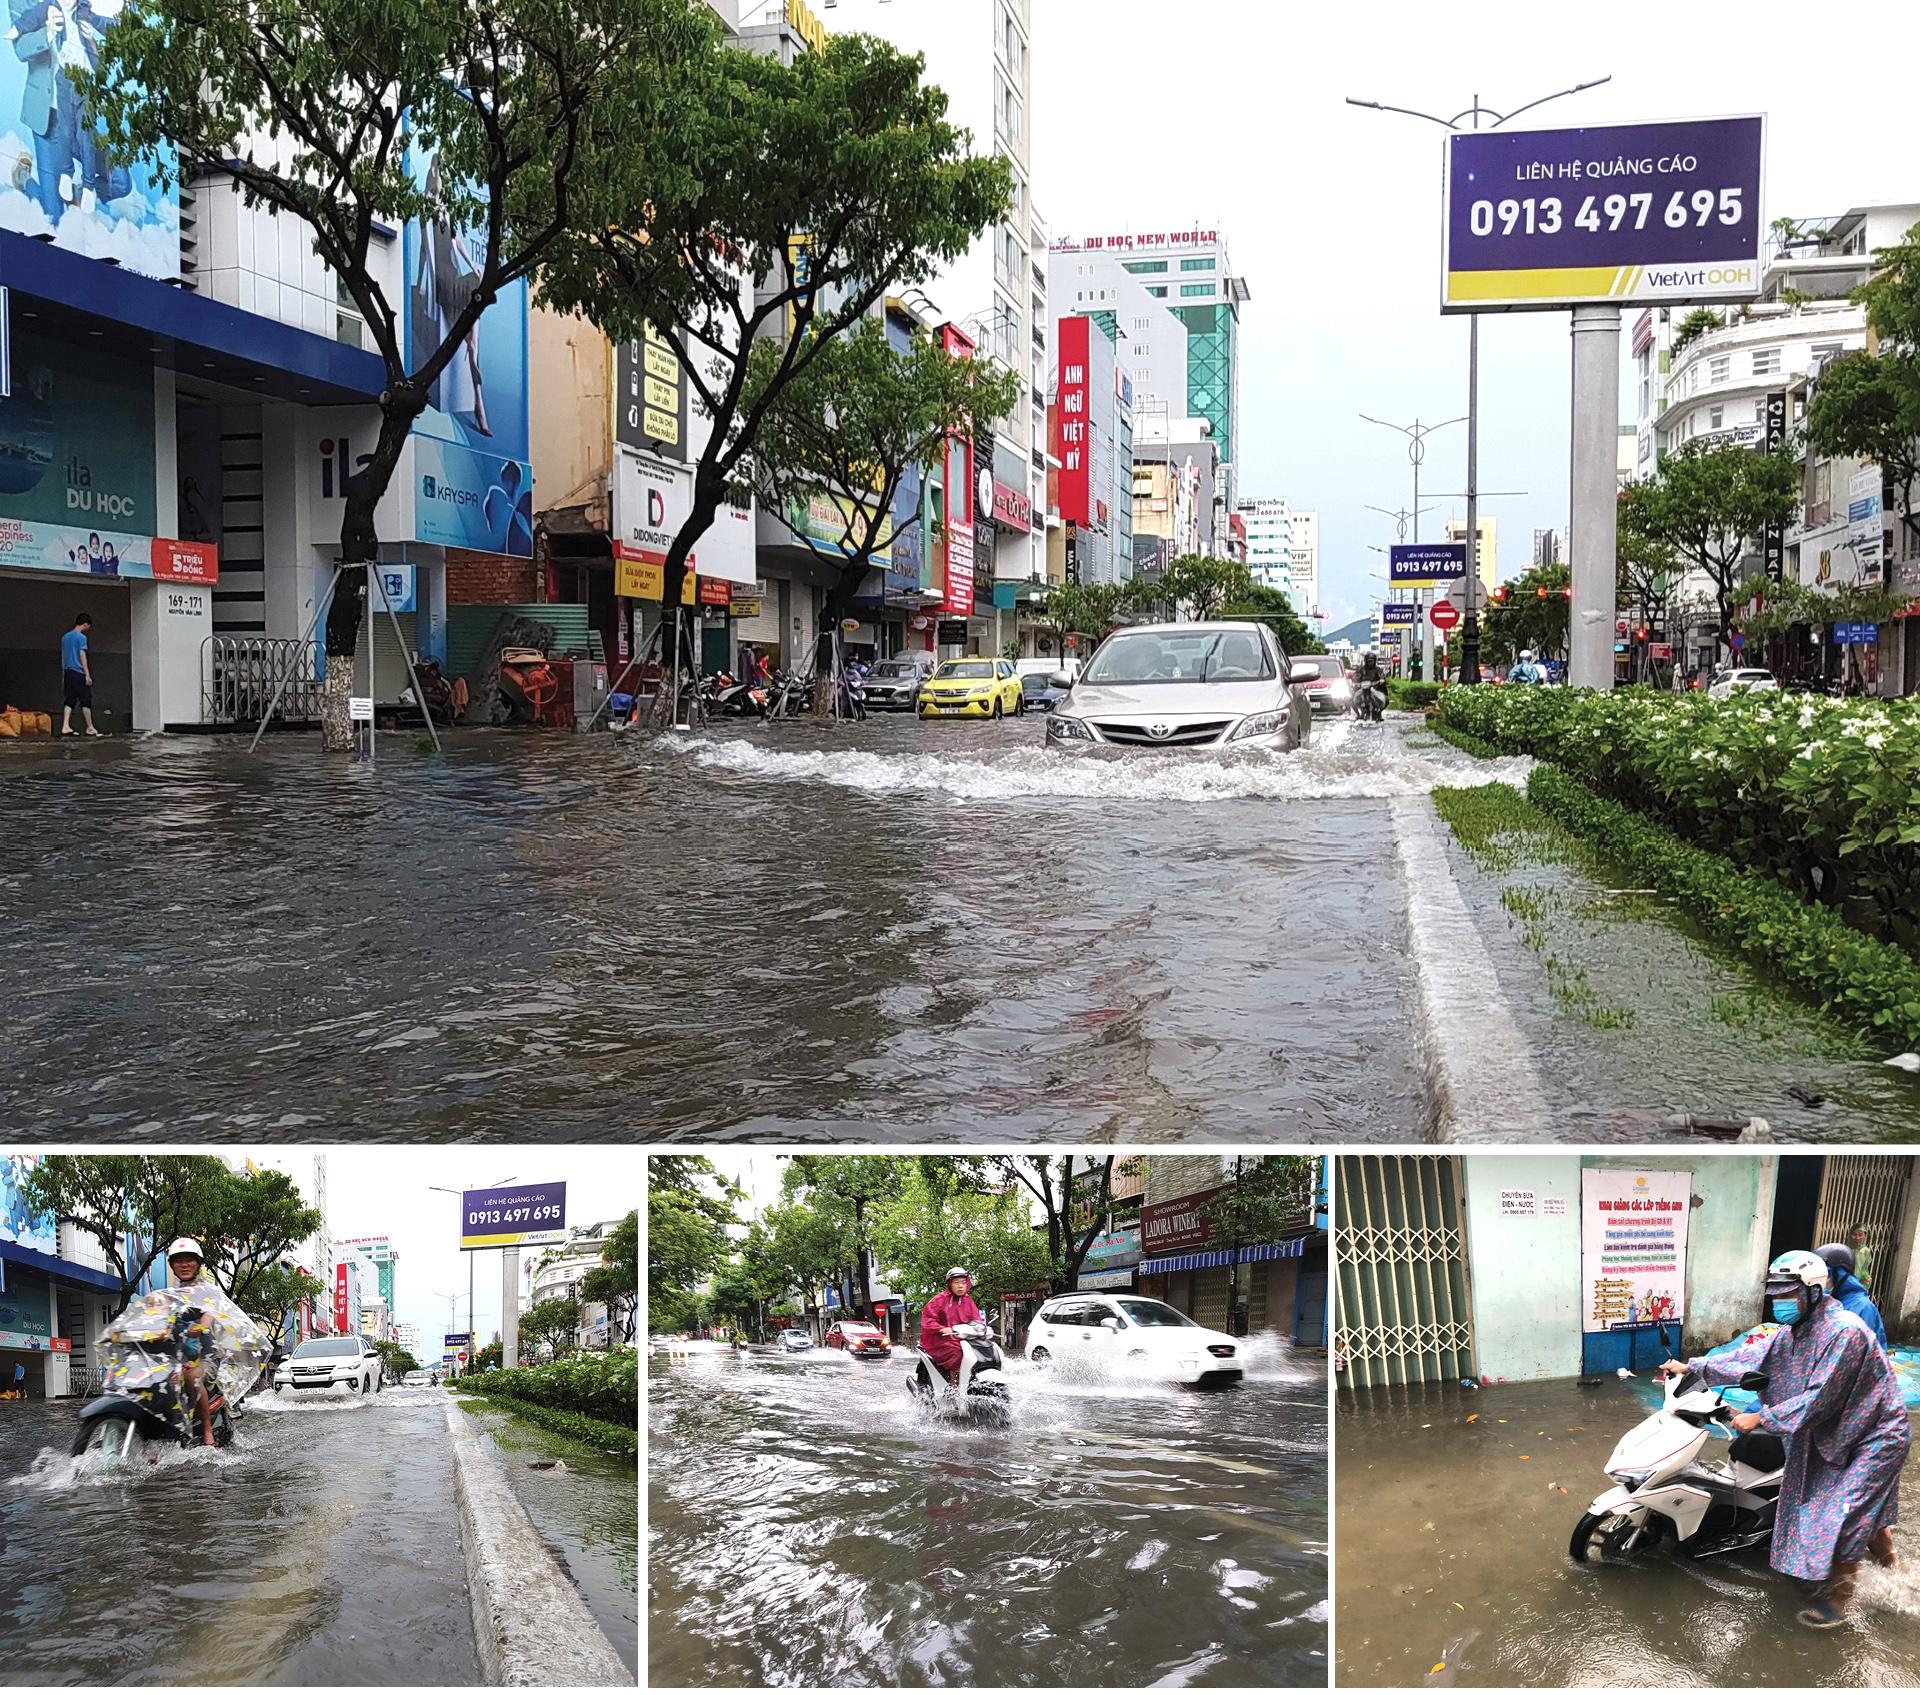 Bão số 5 đổ bộ miền Trung gây lốc xoáy, mưa lớn và ngập úng ảnh 14